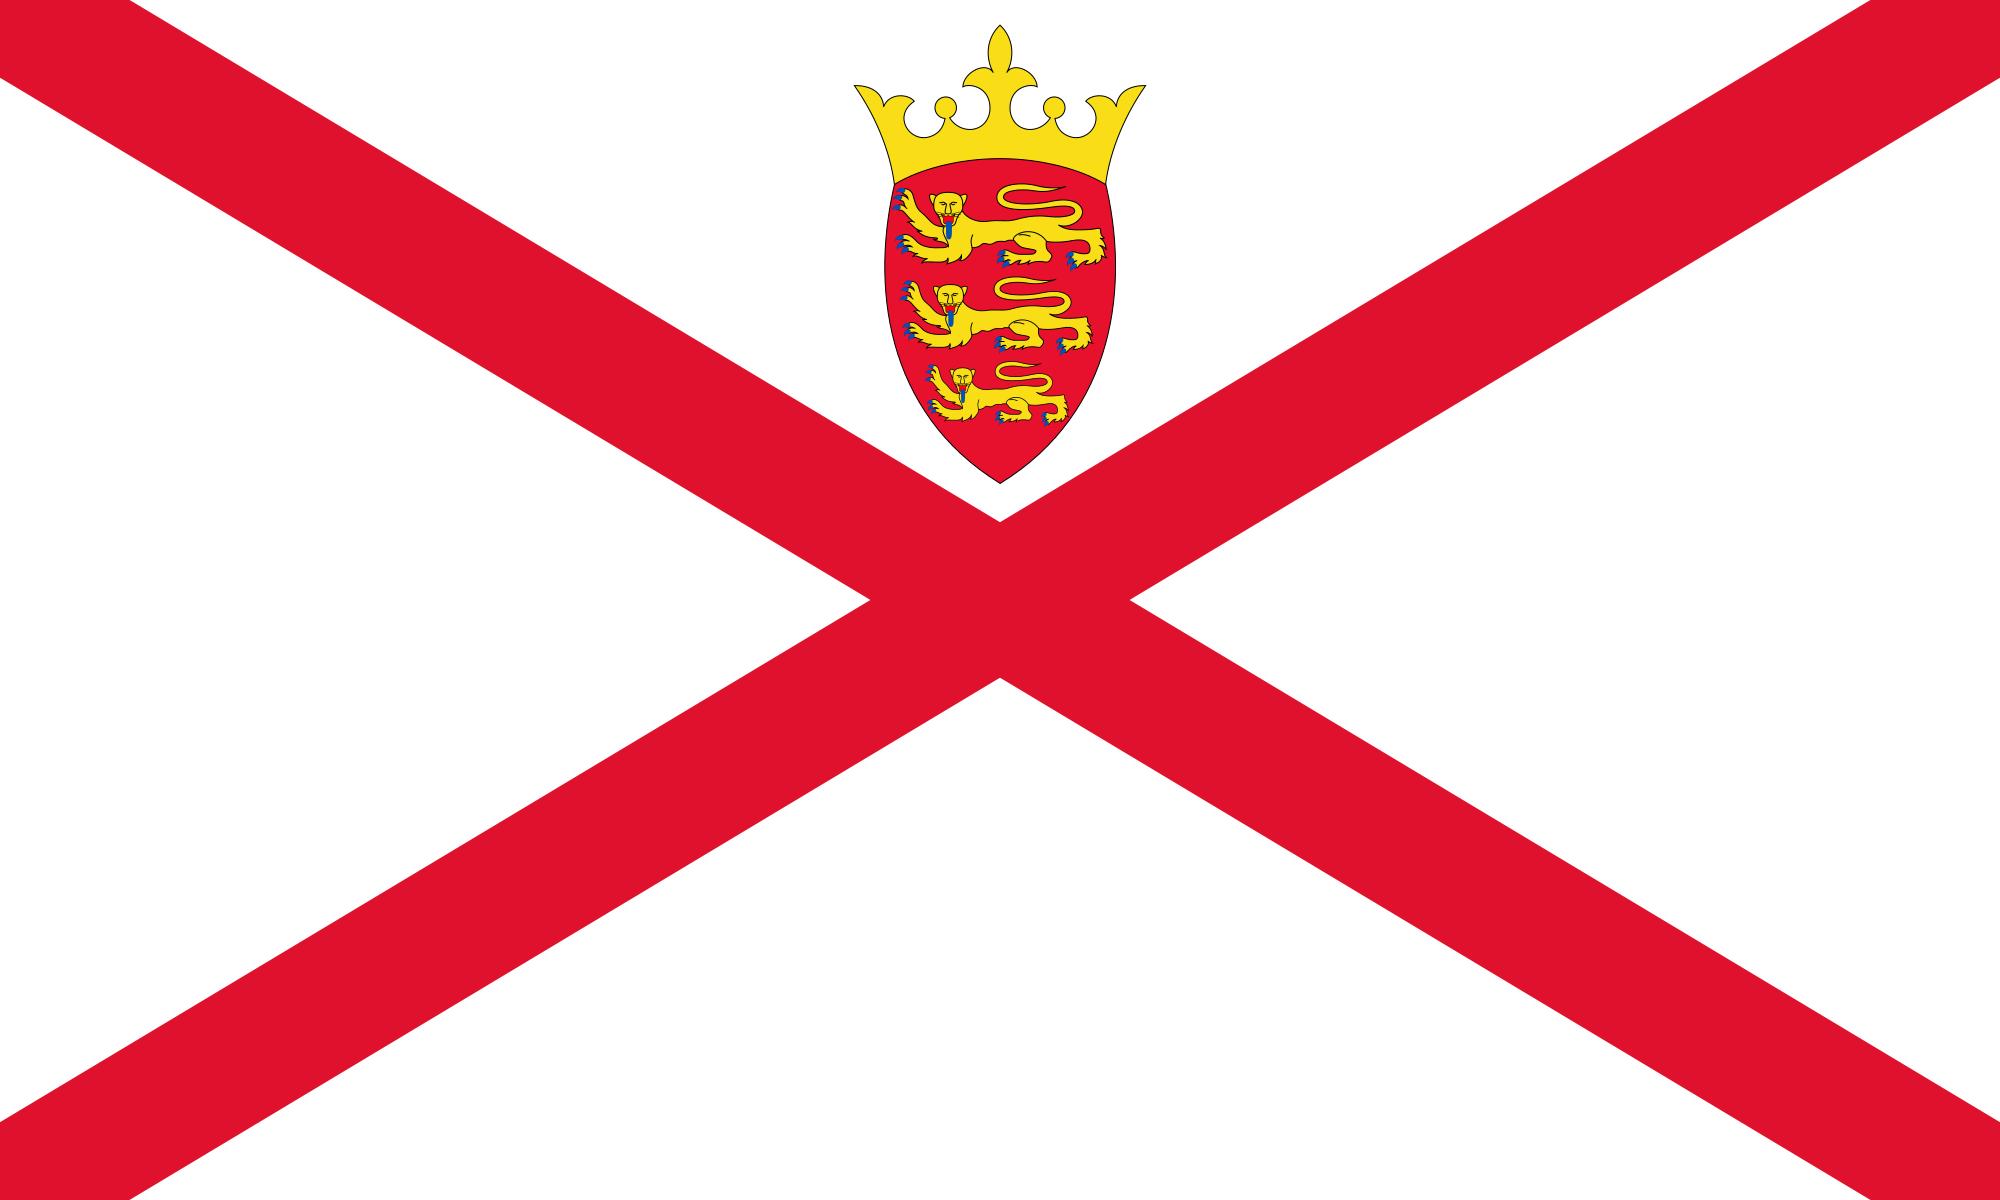 jersey, país, emblema, insignia, シンボル - HD の壁紙 - 教授-falken.com